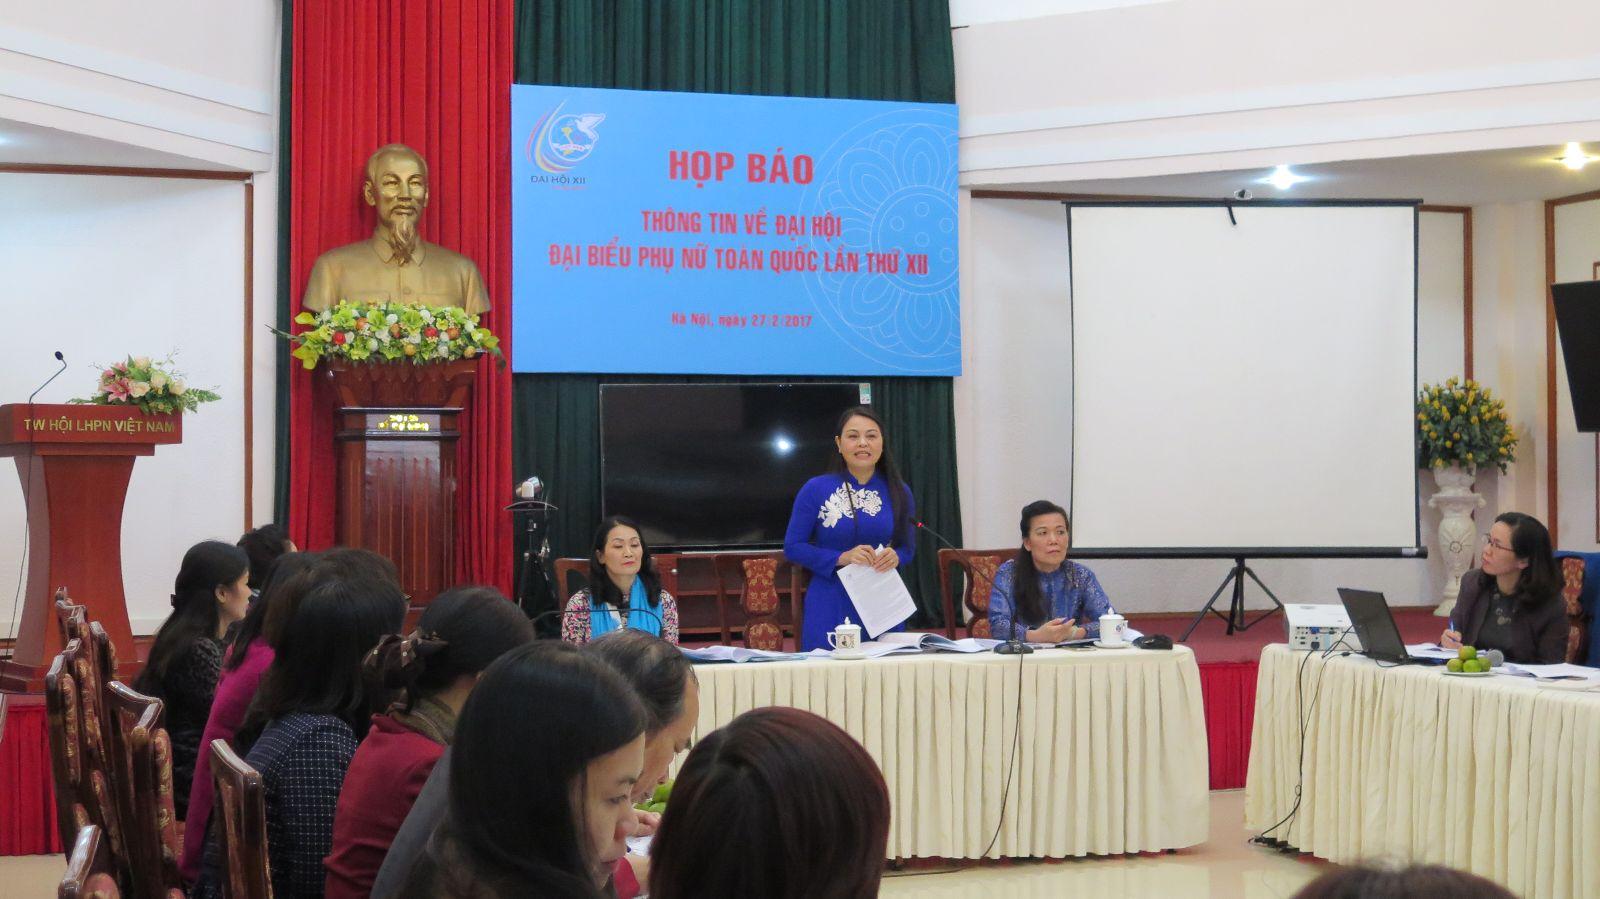 Mốt số thông tin về đại hội đại biểu phụ nữ toàn quốc lần thứ XII (nhiệm kỳ 2017-2022)